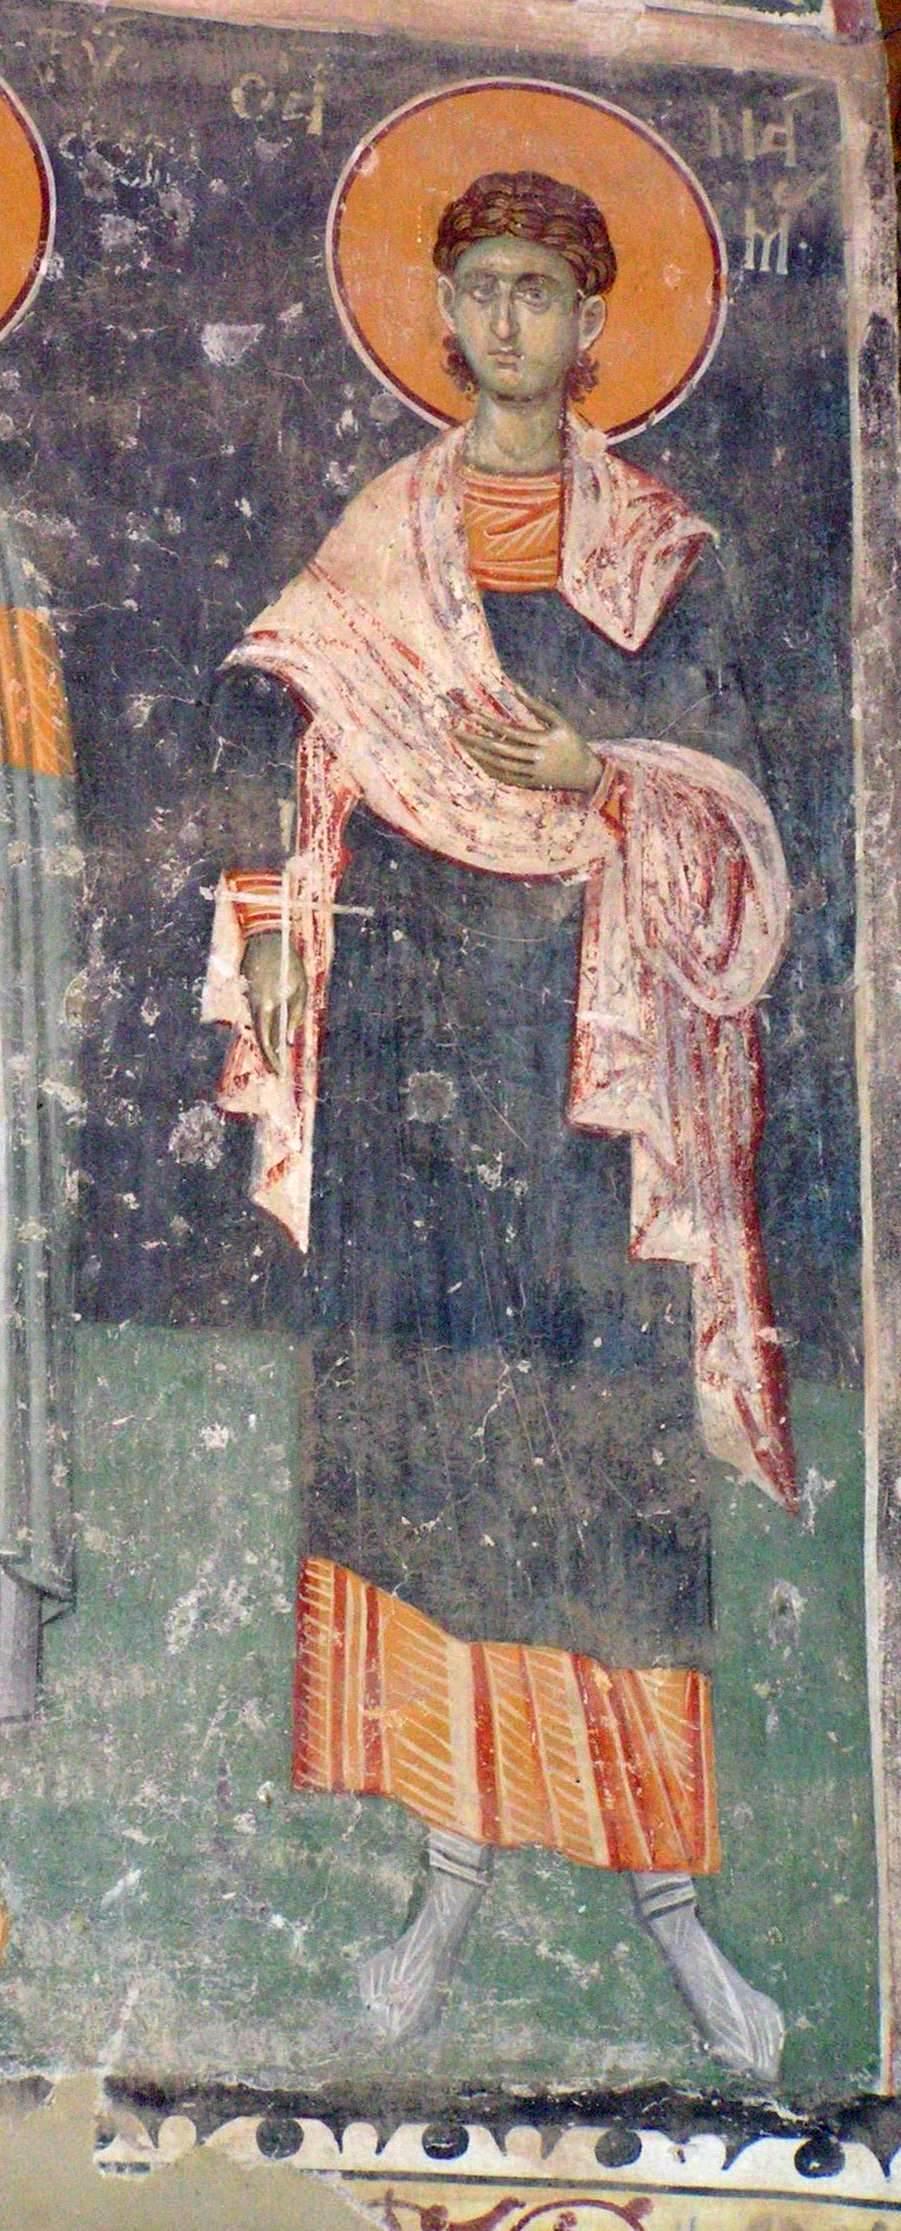 Святой мученик Мамант. Фреска церкви Св. Георгия в Старо-Нагоричино. 1316 - 1318 годы. Иконописцы Михаил и Евтихий.